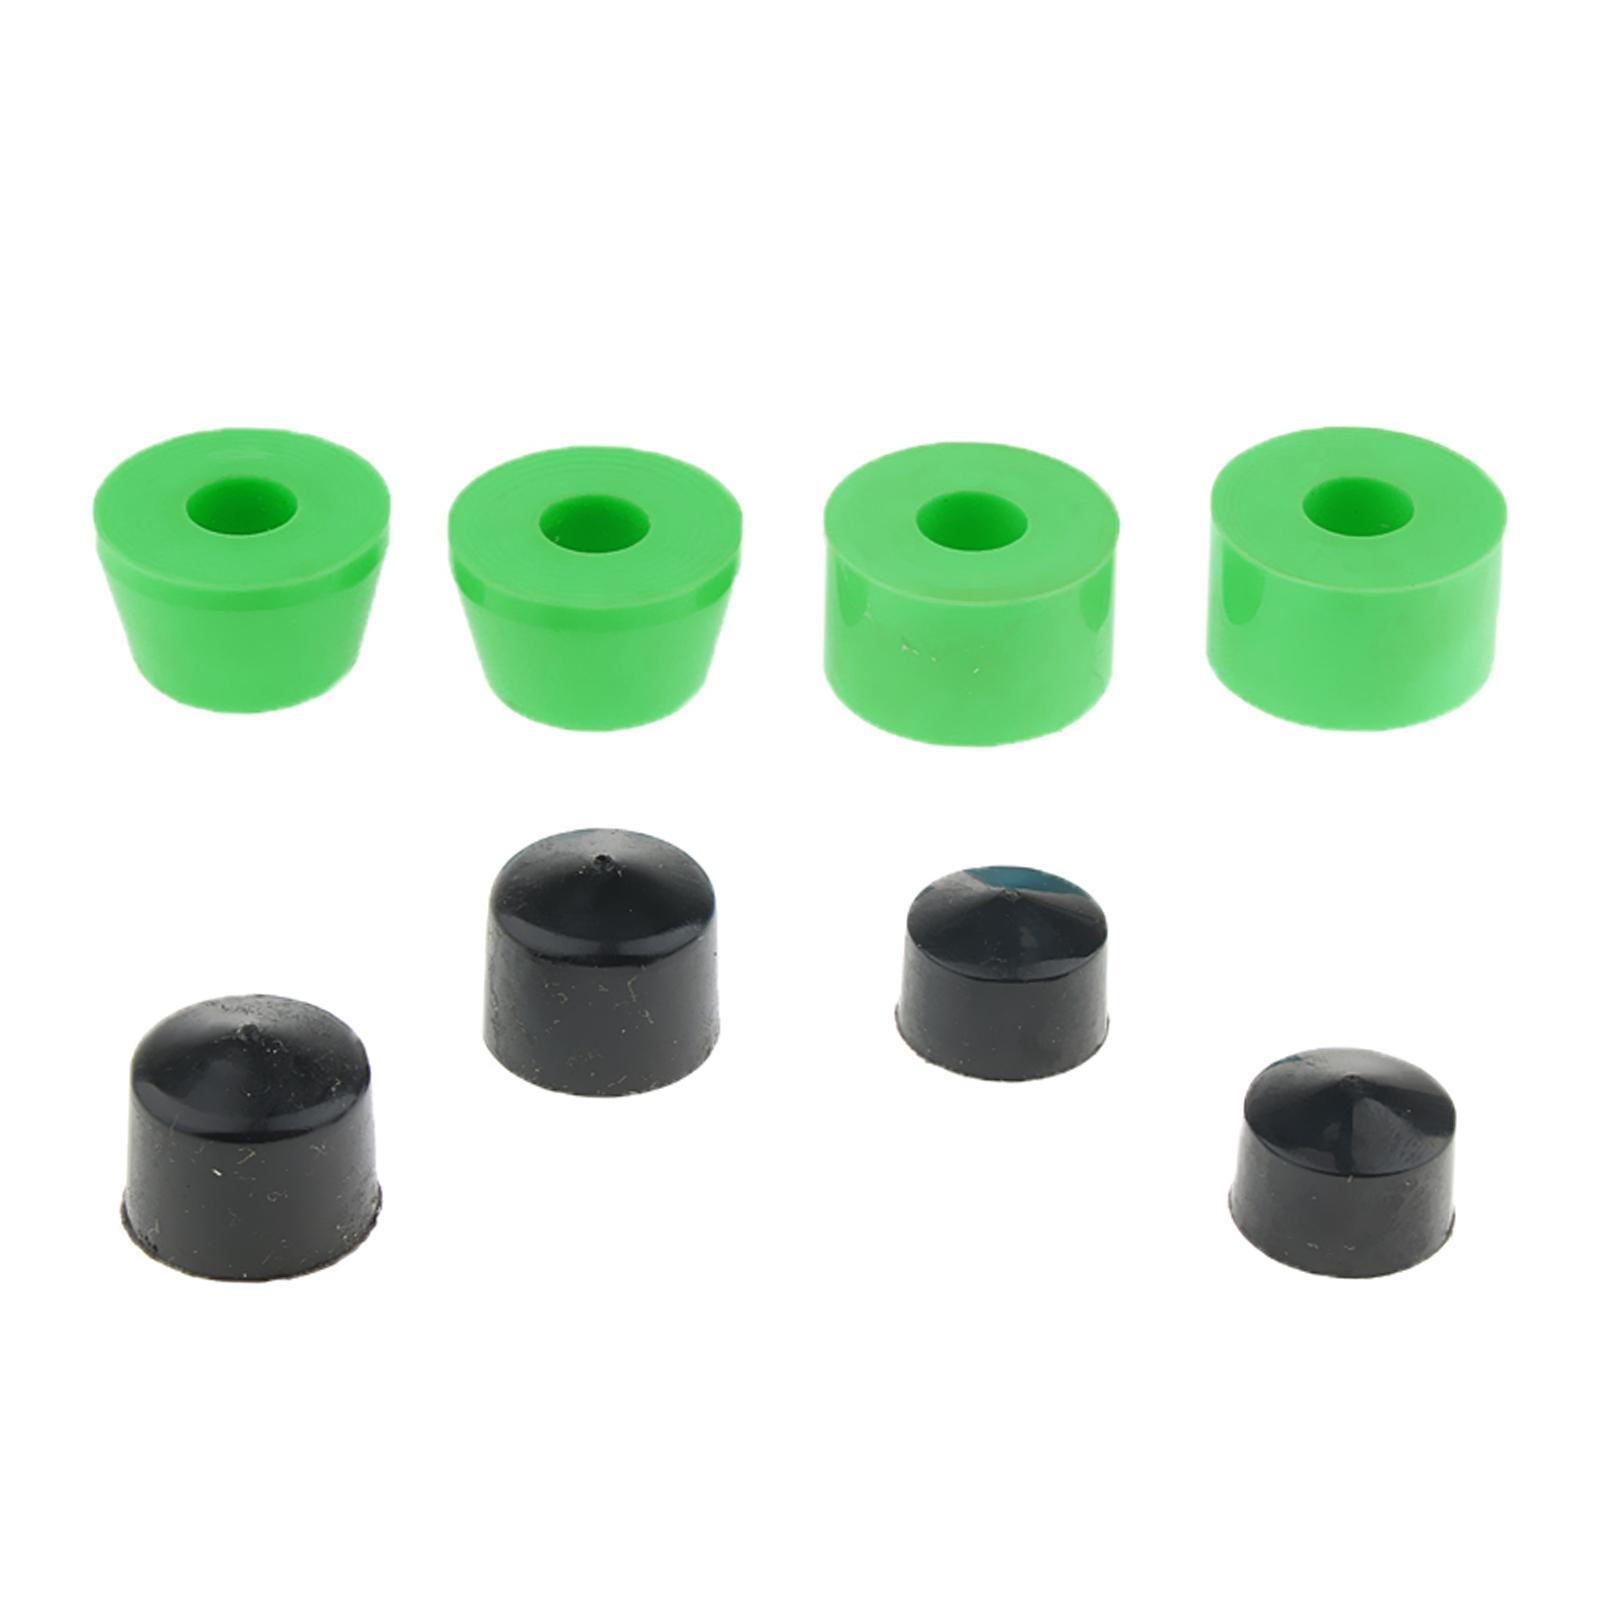 10-pezzi-di-boccole-per-skateboard-longboard-coniche-e-cilindro-con-set-di-tazze miniatura 3